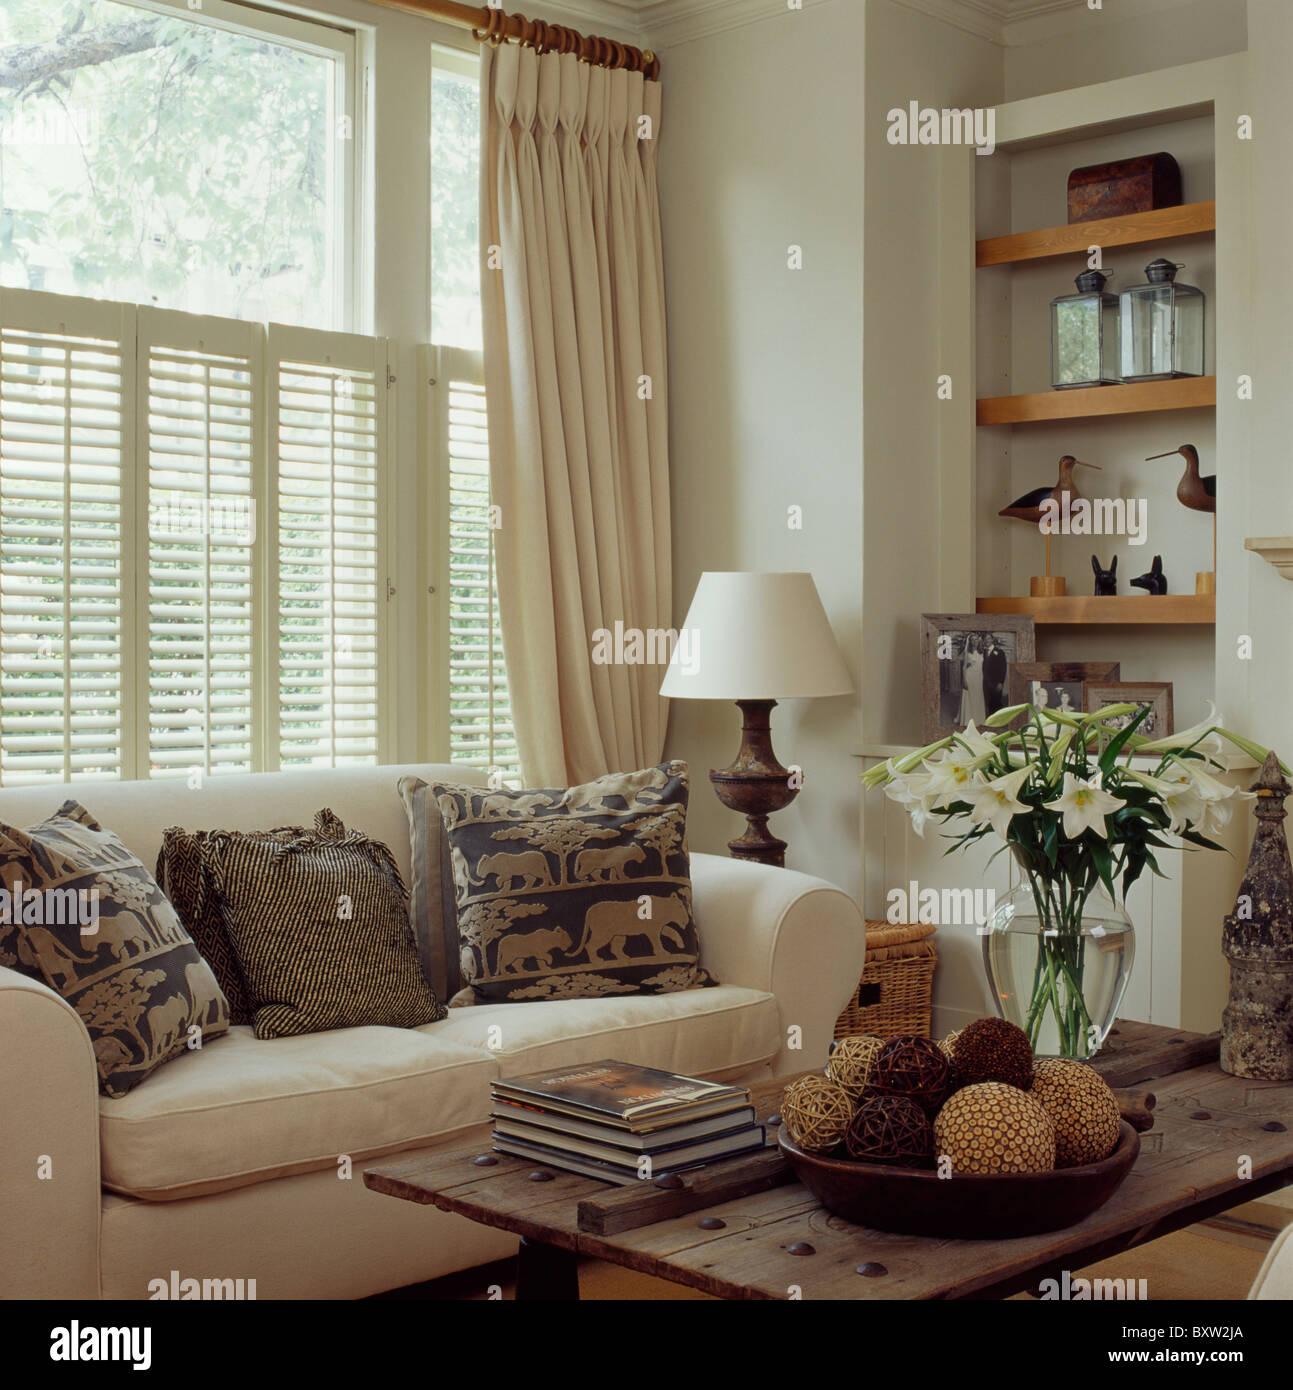 Cremefarbene Vorhänge Und Plantage Fensterläden Fenster Oben Sahne Sofa Mit  Gemusterten Kissen In Creme Wohnzimmer Mit Rustikalen Tisch